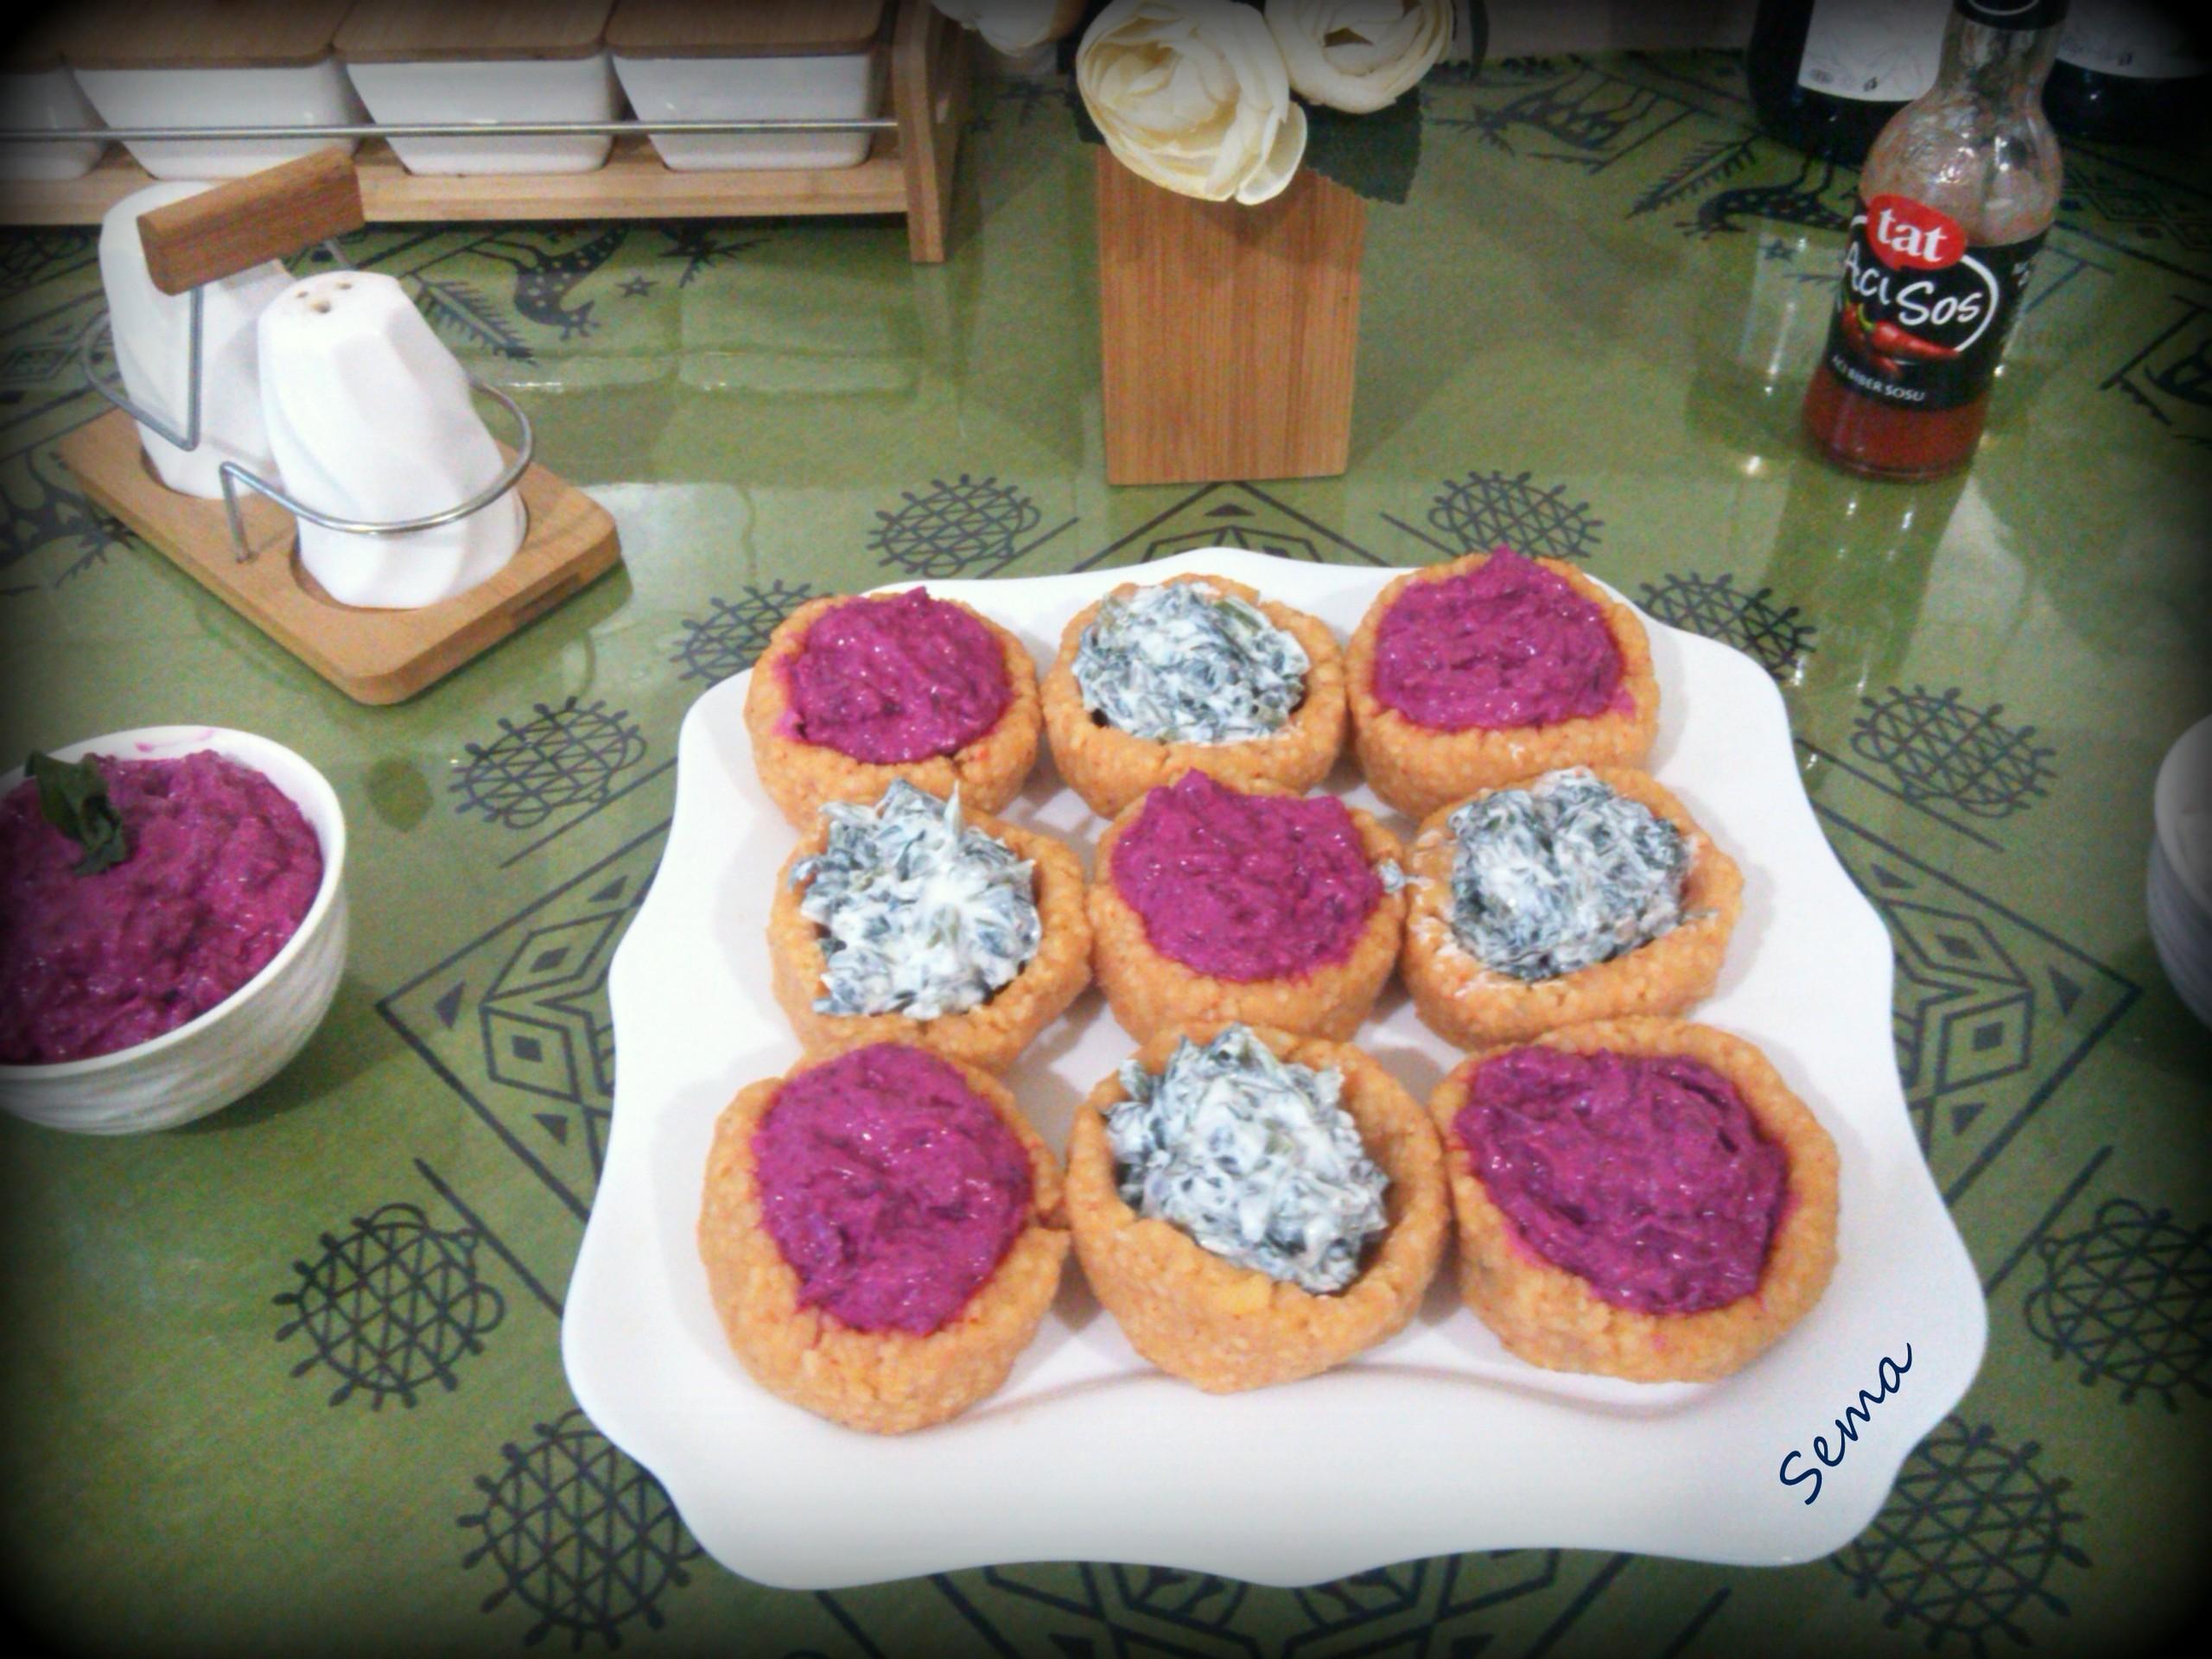 zmP3jB - Pasta ve yemek tarifleri